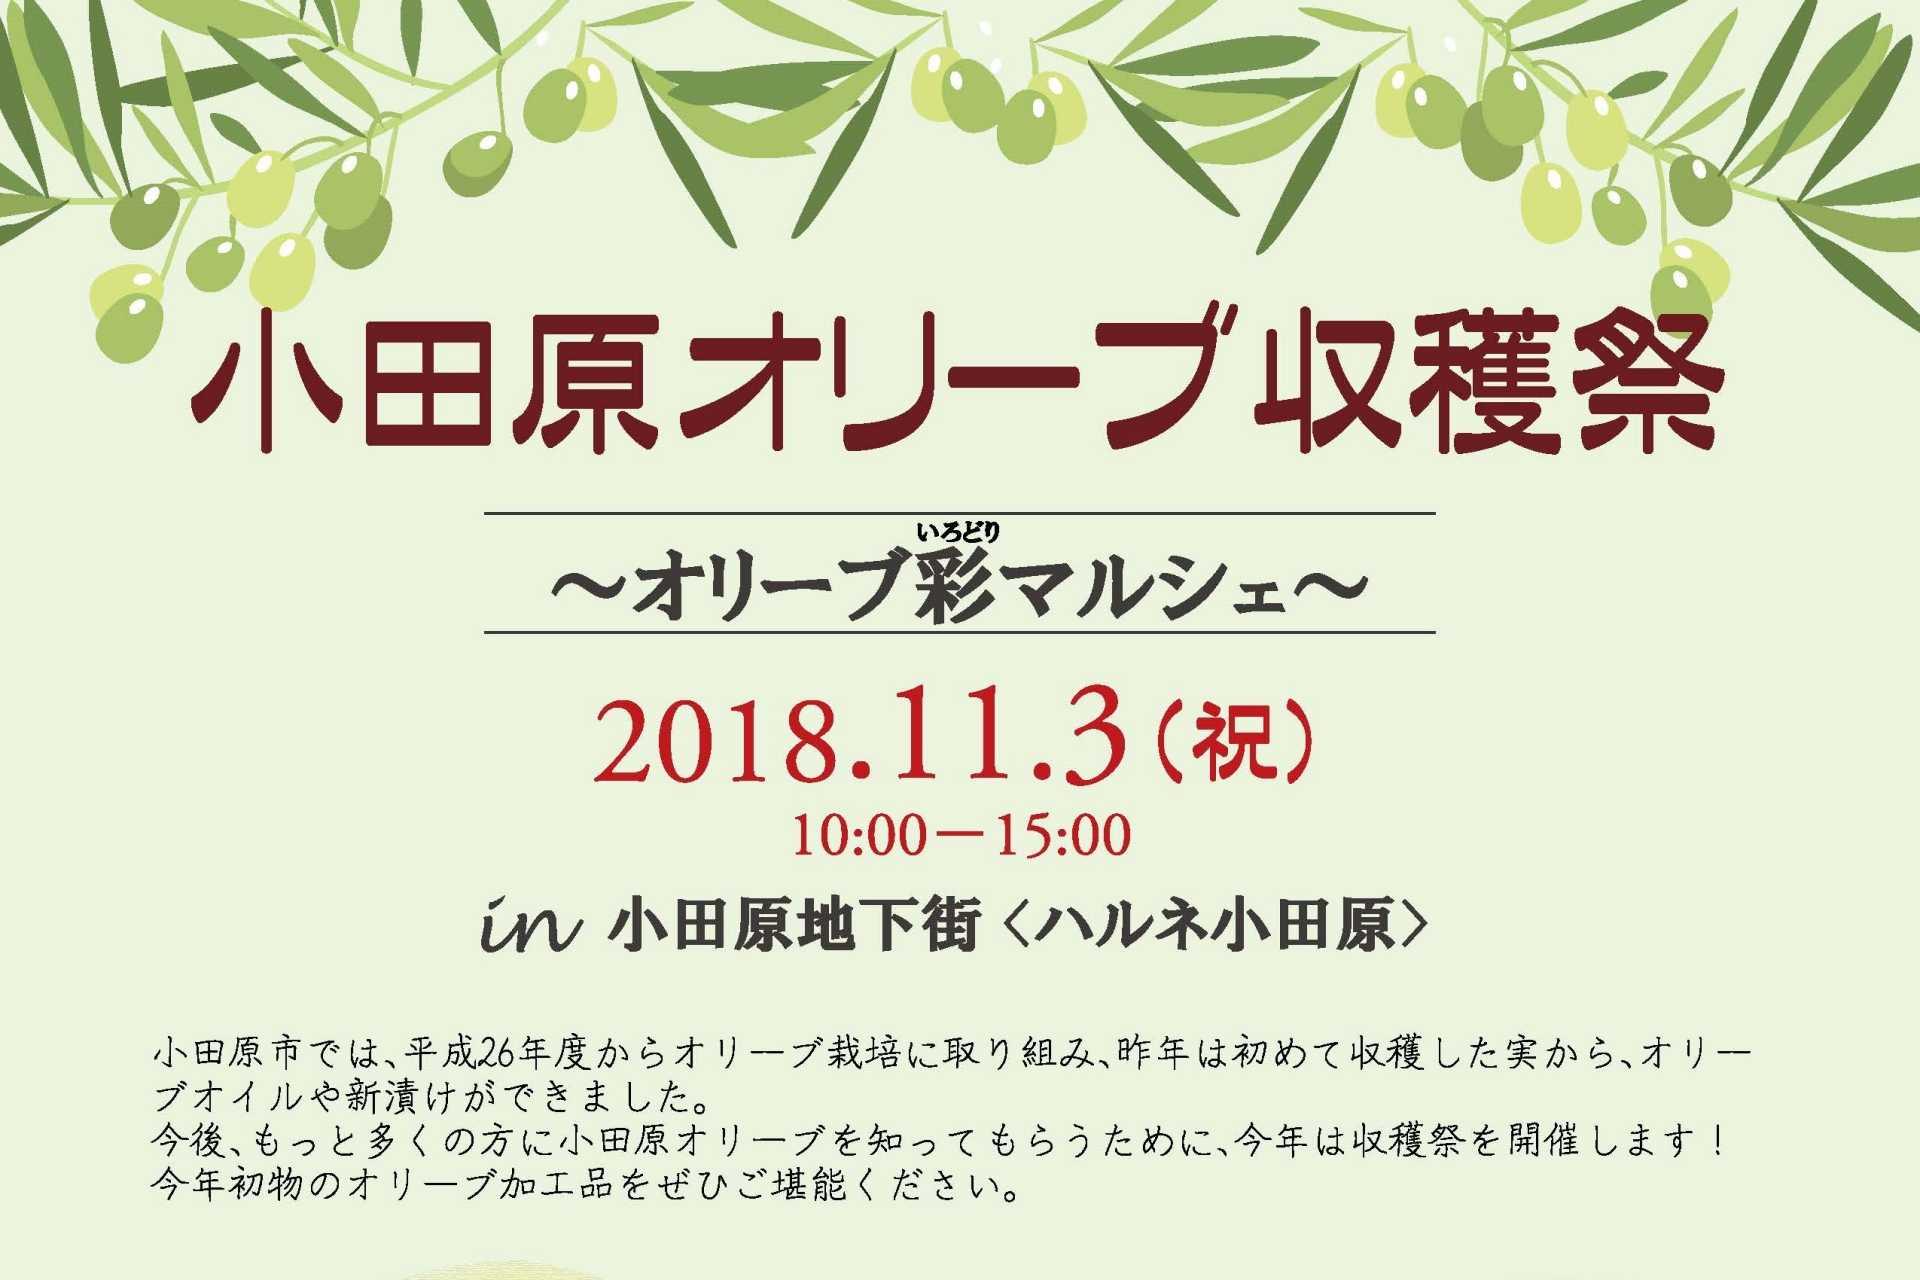 小田原オリーブ収穫祭